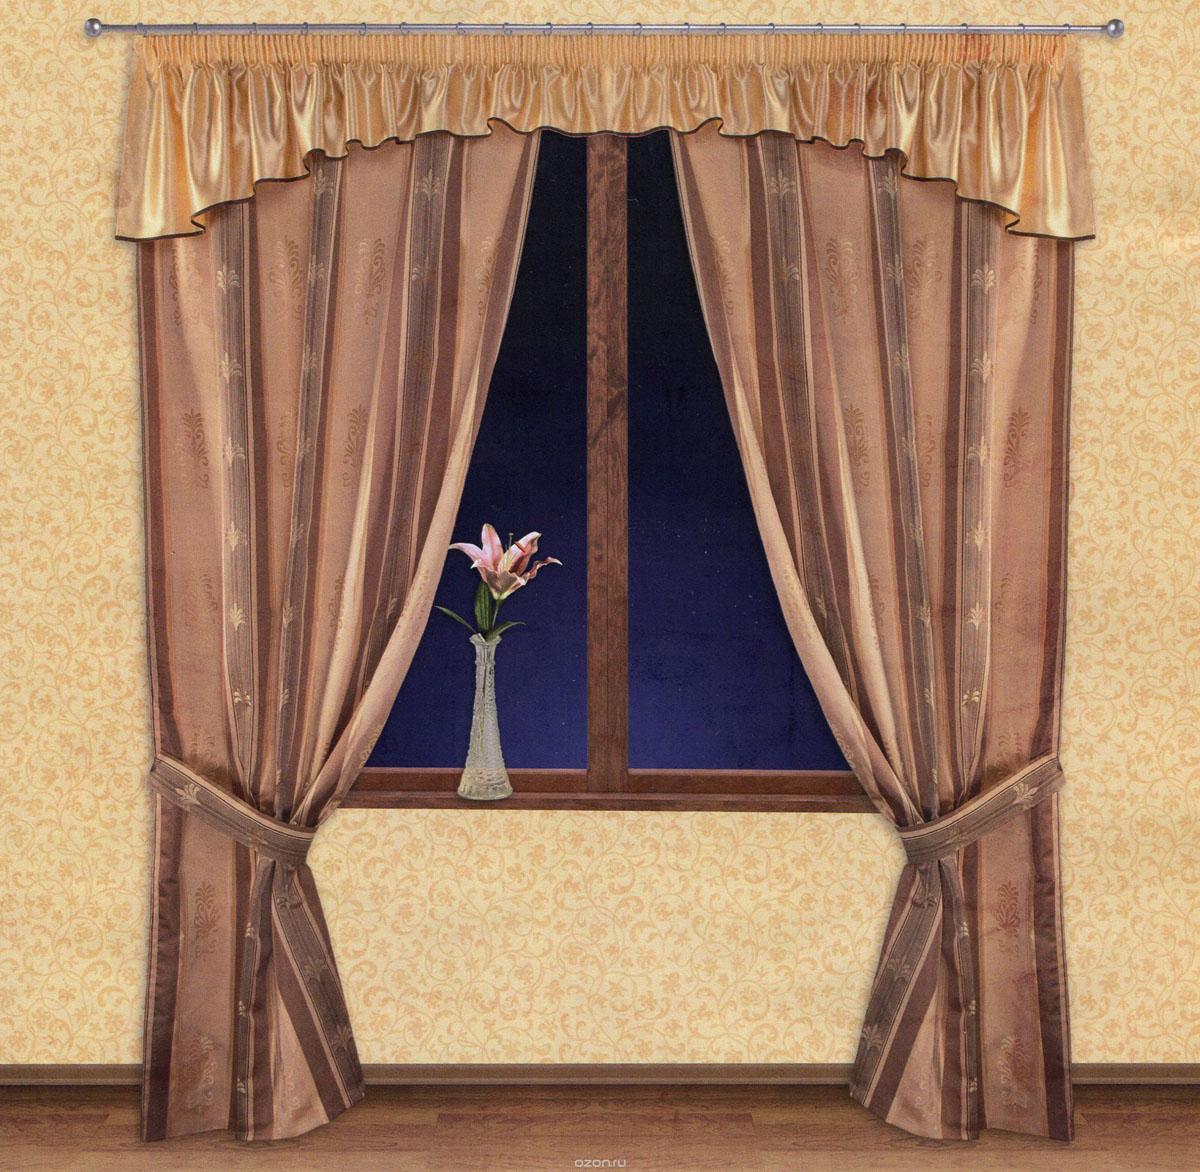 Комплект штор Zlata Korunka, на ленте, цвет: бежевый, коричневый, высота 250 см. 5551655516Роскошный комплект штор Zlata Korunka, выполненный из ткани барокко и шанзализе (100% полиэстера), великолепно украсит любое окно. Комплект состоит из двух портьер, ламбрекена и двух подхватов. Плотная ткань, оригинальный орнамент и приятная, приглушенная гамма привлекут к себе внимание и органично впишутся в интерьер помещения. Комплект крепится на карниз при помощи шторной ленты, которая поможет красиво и равномерно задрапировать верх. Портьеры можно зафиксировать в одном положении с помощью двух подхватов. Этот комплект будет долгое время радовать вас и вашу семью! В комплект входит: Портьера: 2 шт. Размер (ШхВ): 140 см х 250 см. Ламбрекен: 1 шт. Размер (ШхВ): 400 см х 50 см. Подхват: 2 шт. Размер (ШхВ): 60 см х 10 см.